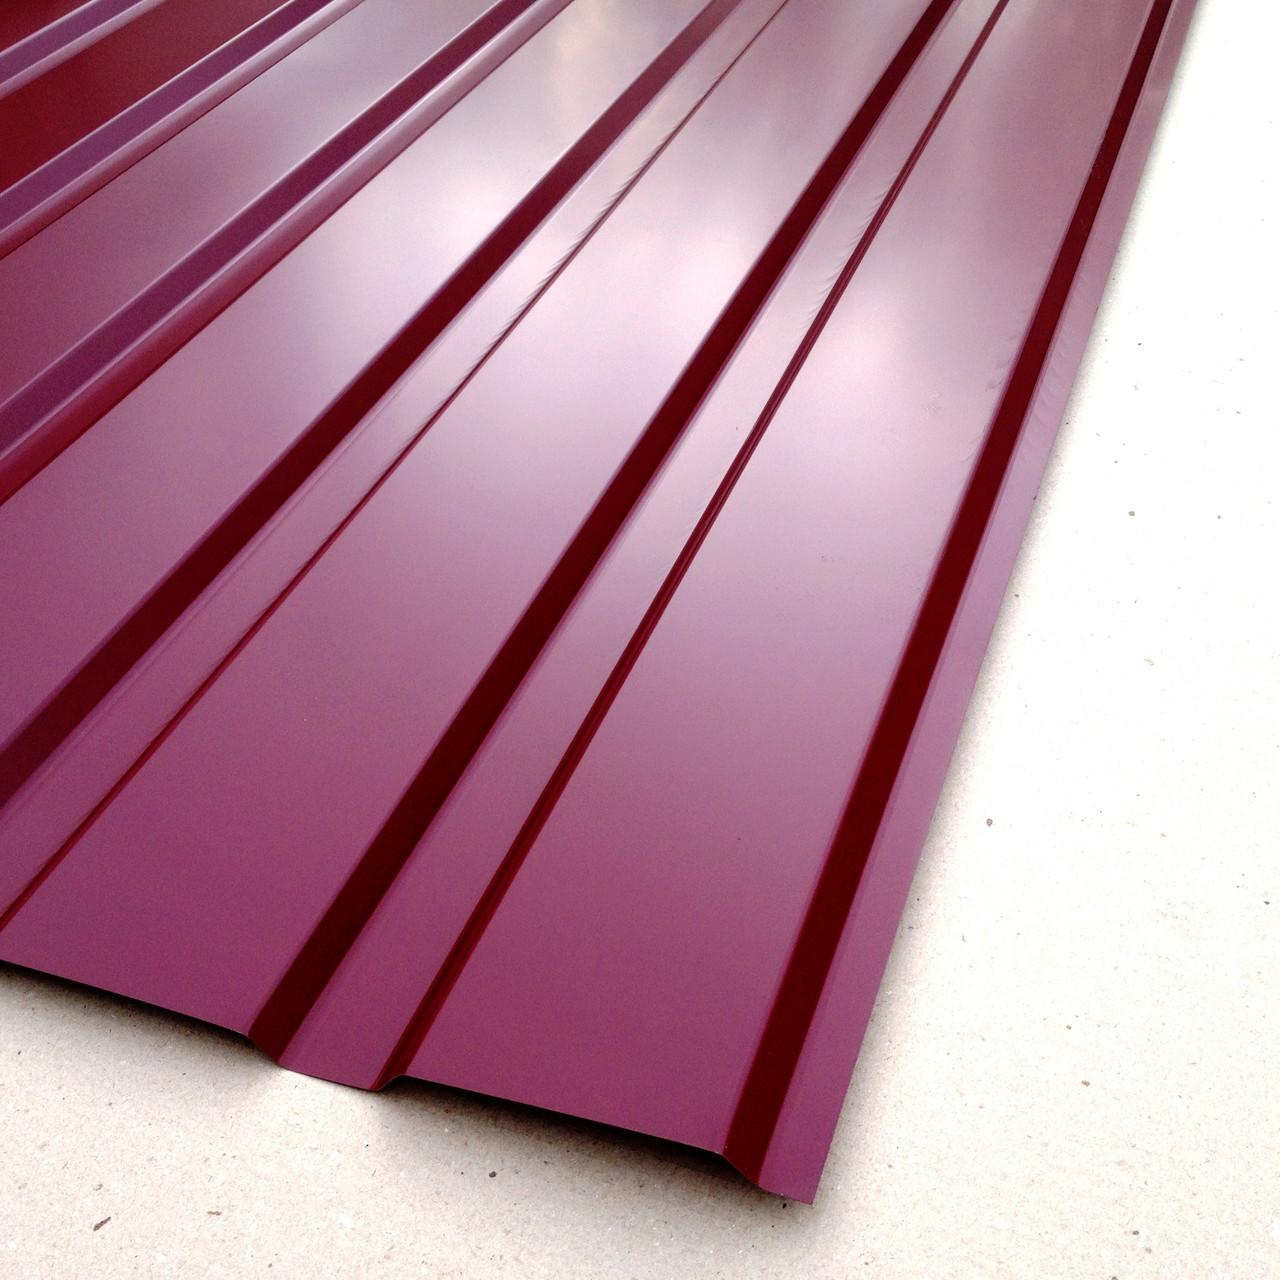 Профнастил для забору колір: Вишня ПС-20, 0,4-0,45 мм; висота 2 метри ширина 1,16 м